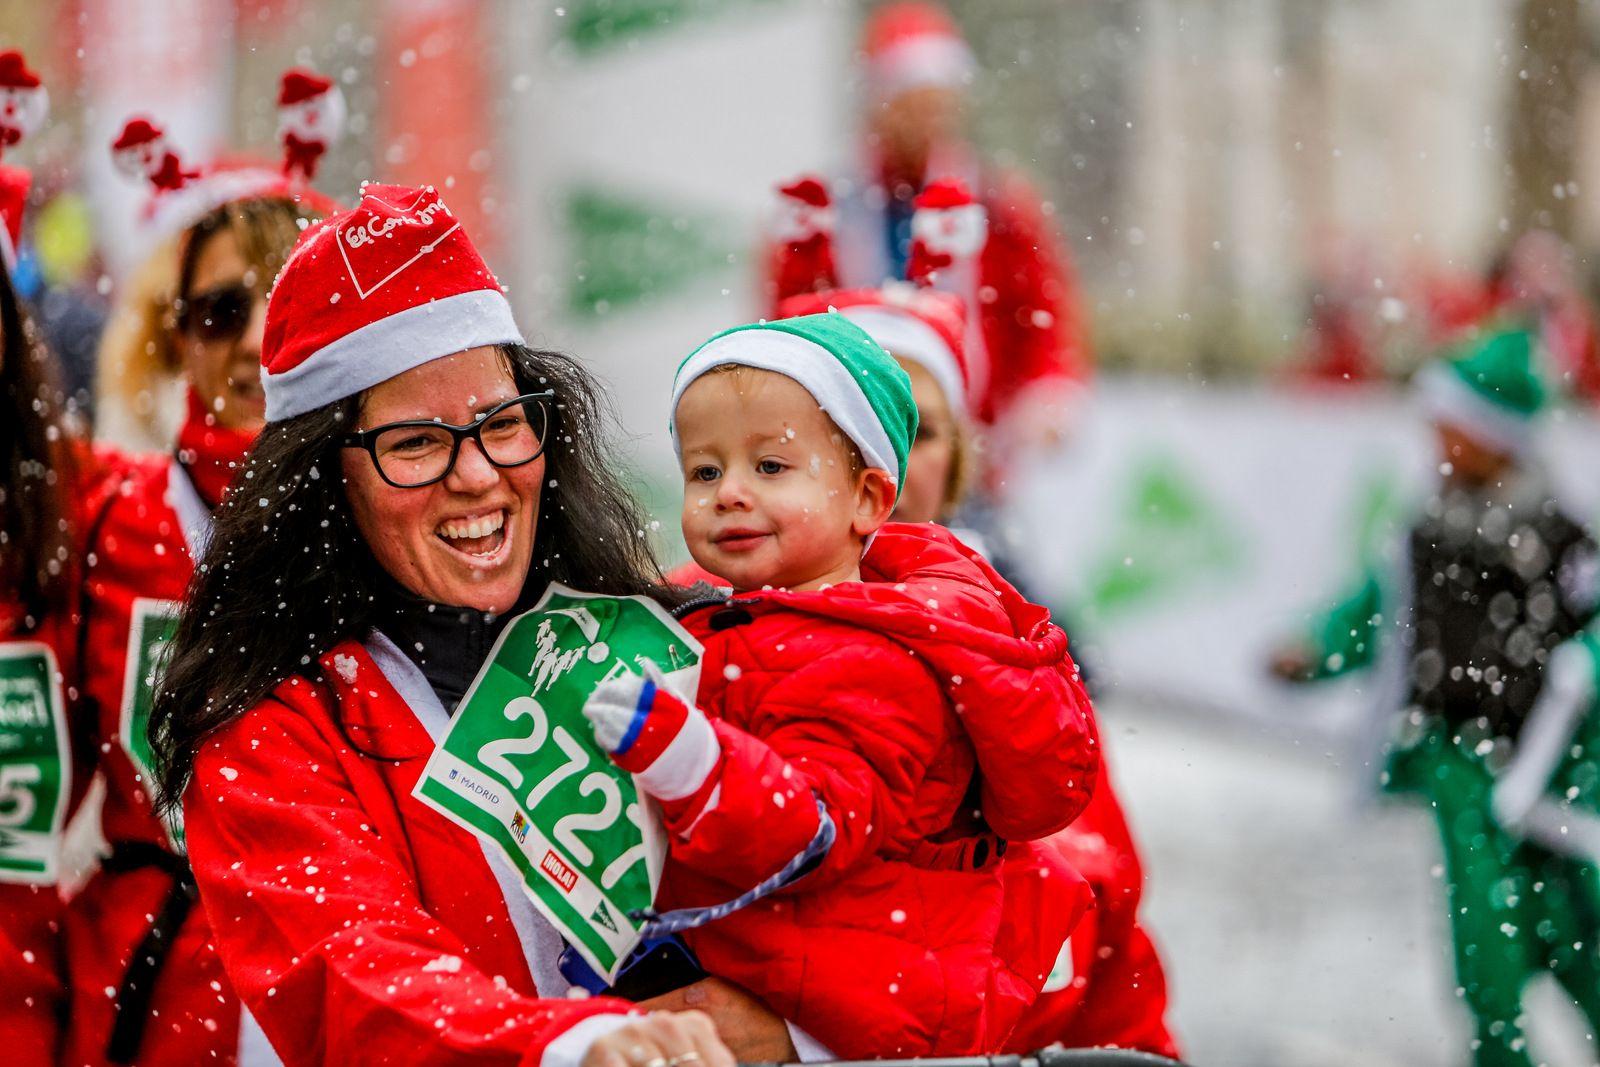 Fotos de la Carrera de El Corte Inglés Papá Noel 2019 – 20